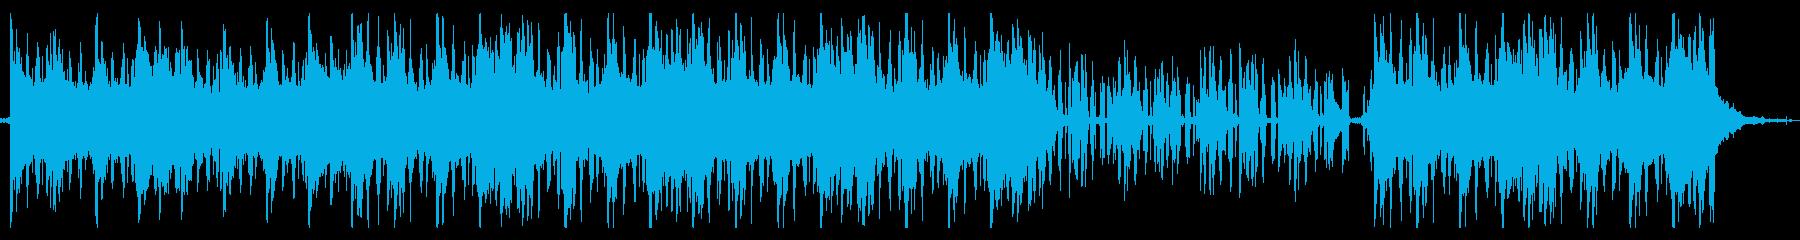 浮遊感のあるジャズLo-Fi Beatsの再生済みの波形